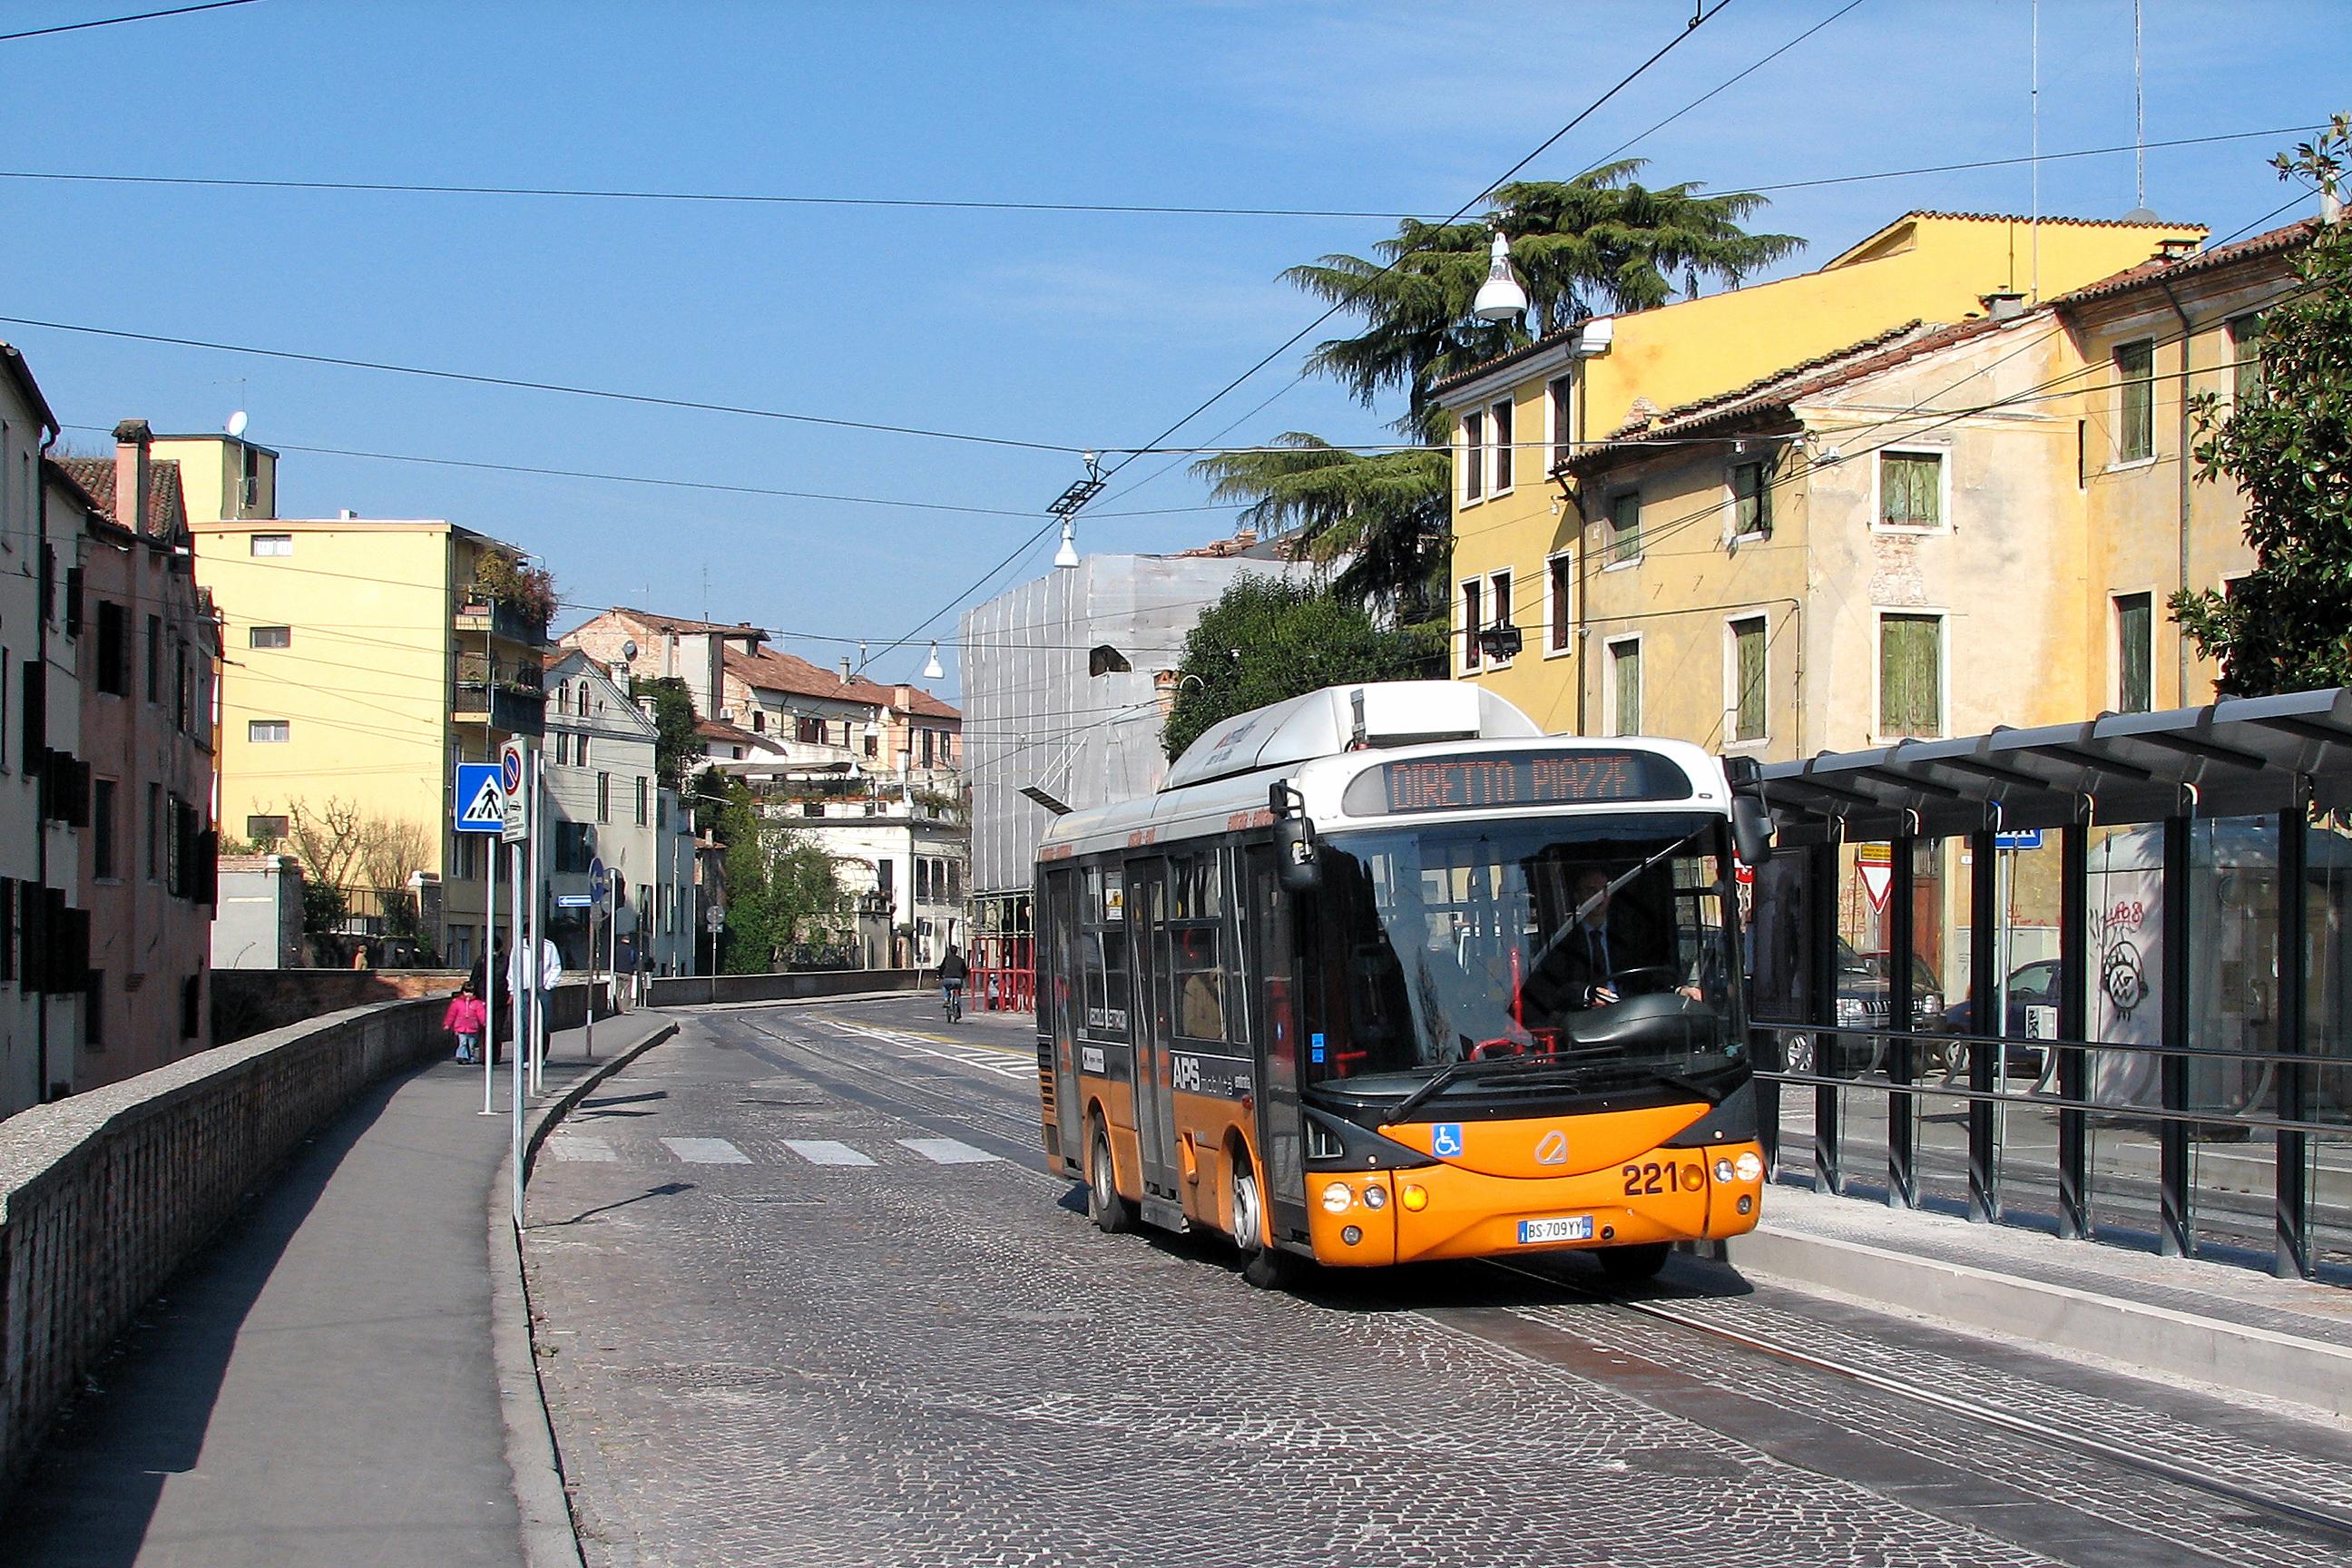 автобус на улице картинки